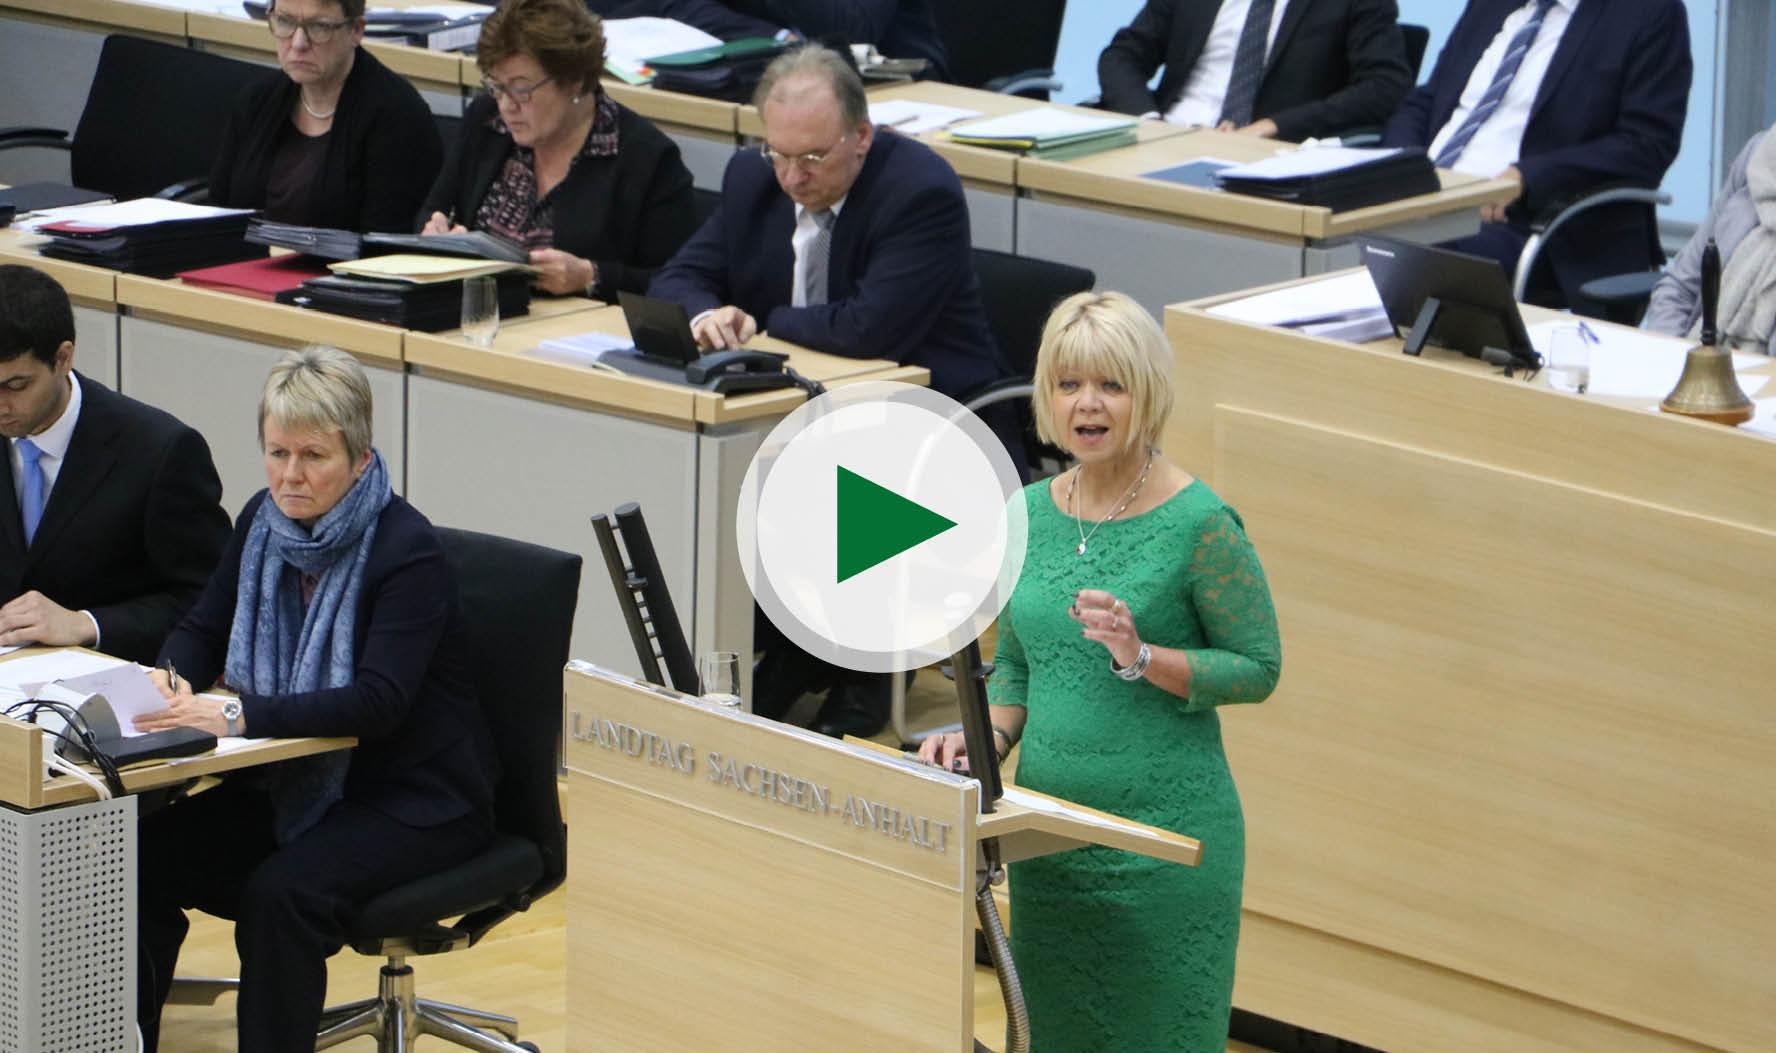 Mutrede: Strukturwandel in Sachsen-Anhalt